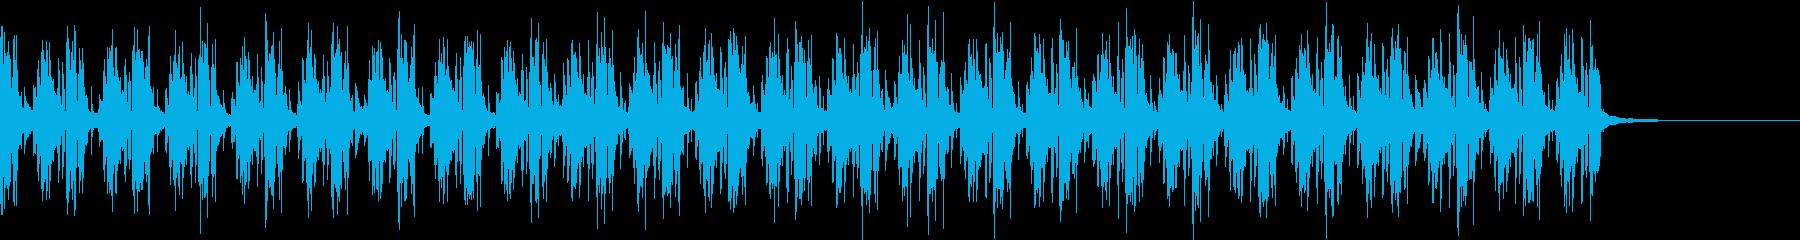 Pf「道化」和風現代ジャズの再生済みの波形